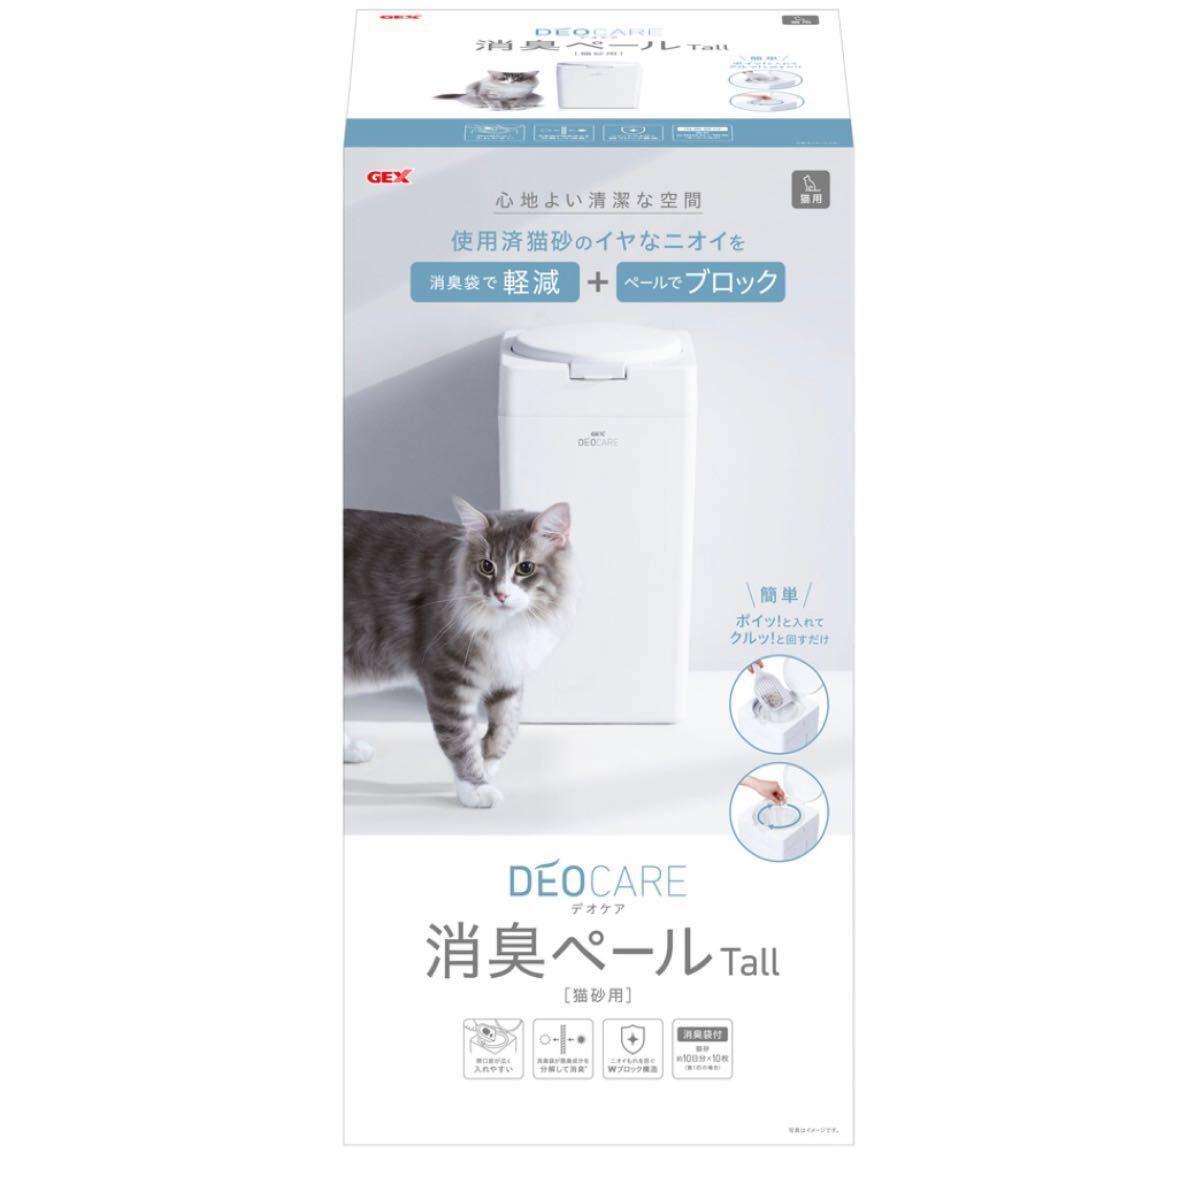 デオケア 消臭ペール 猫用tall 専用消臭袋10枚付 1台 ジェック